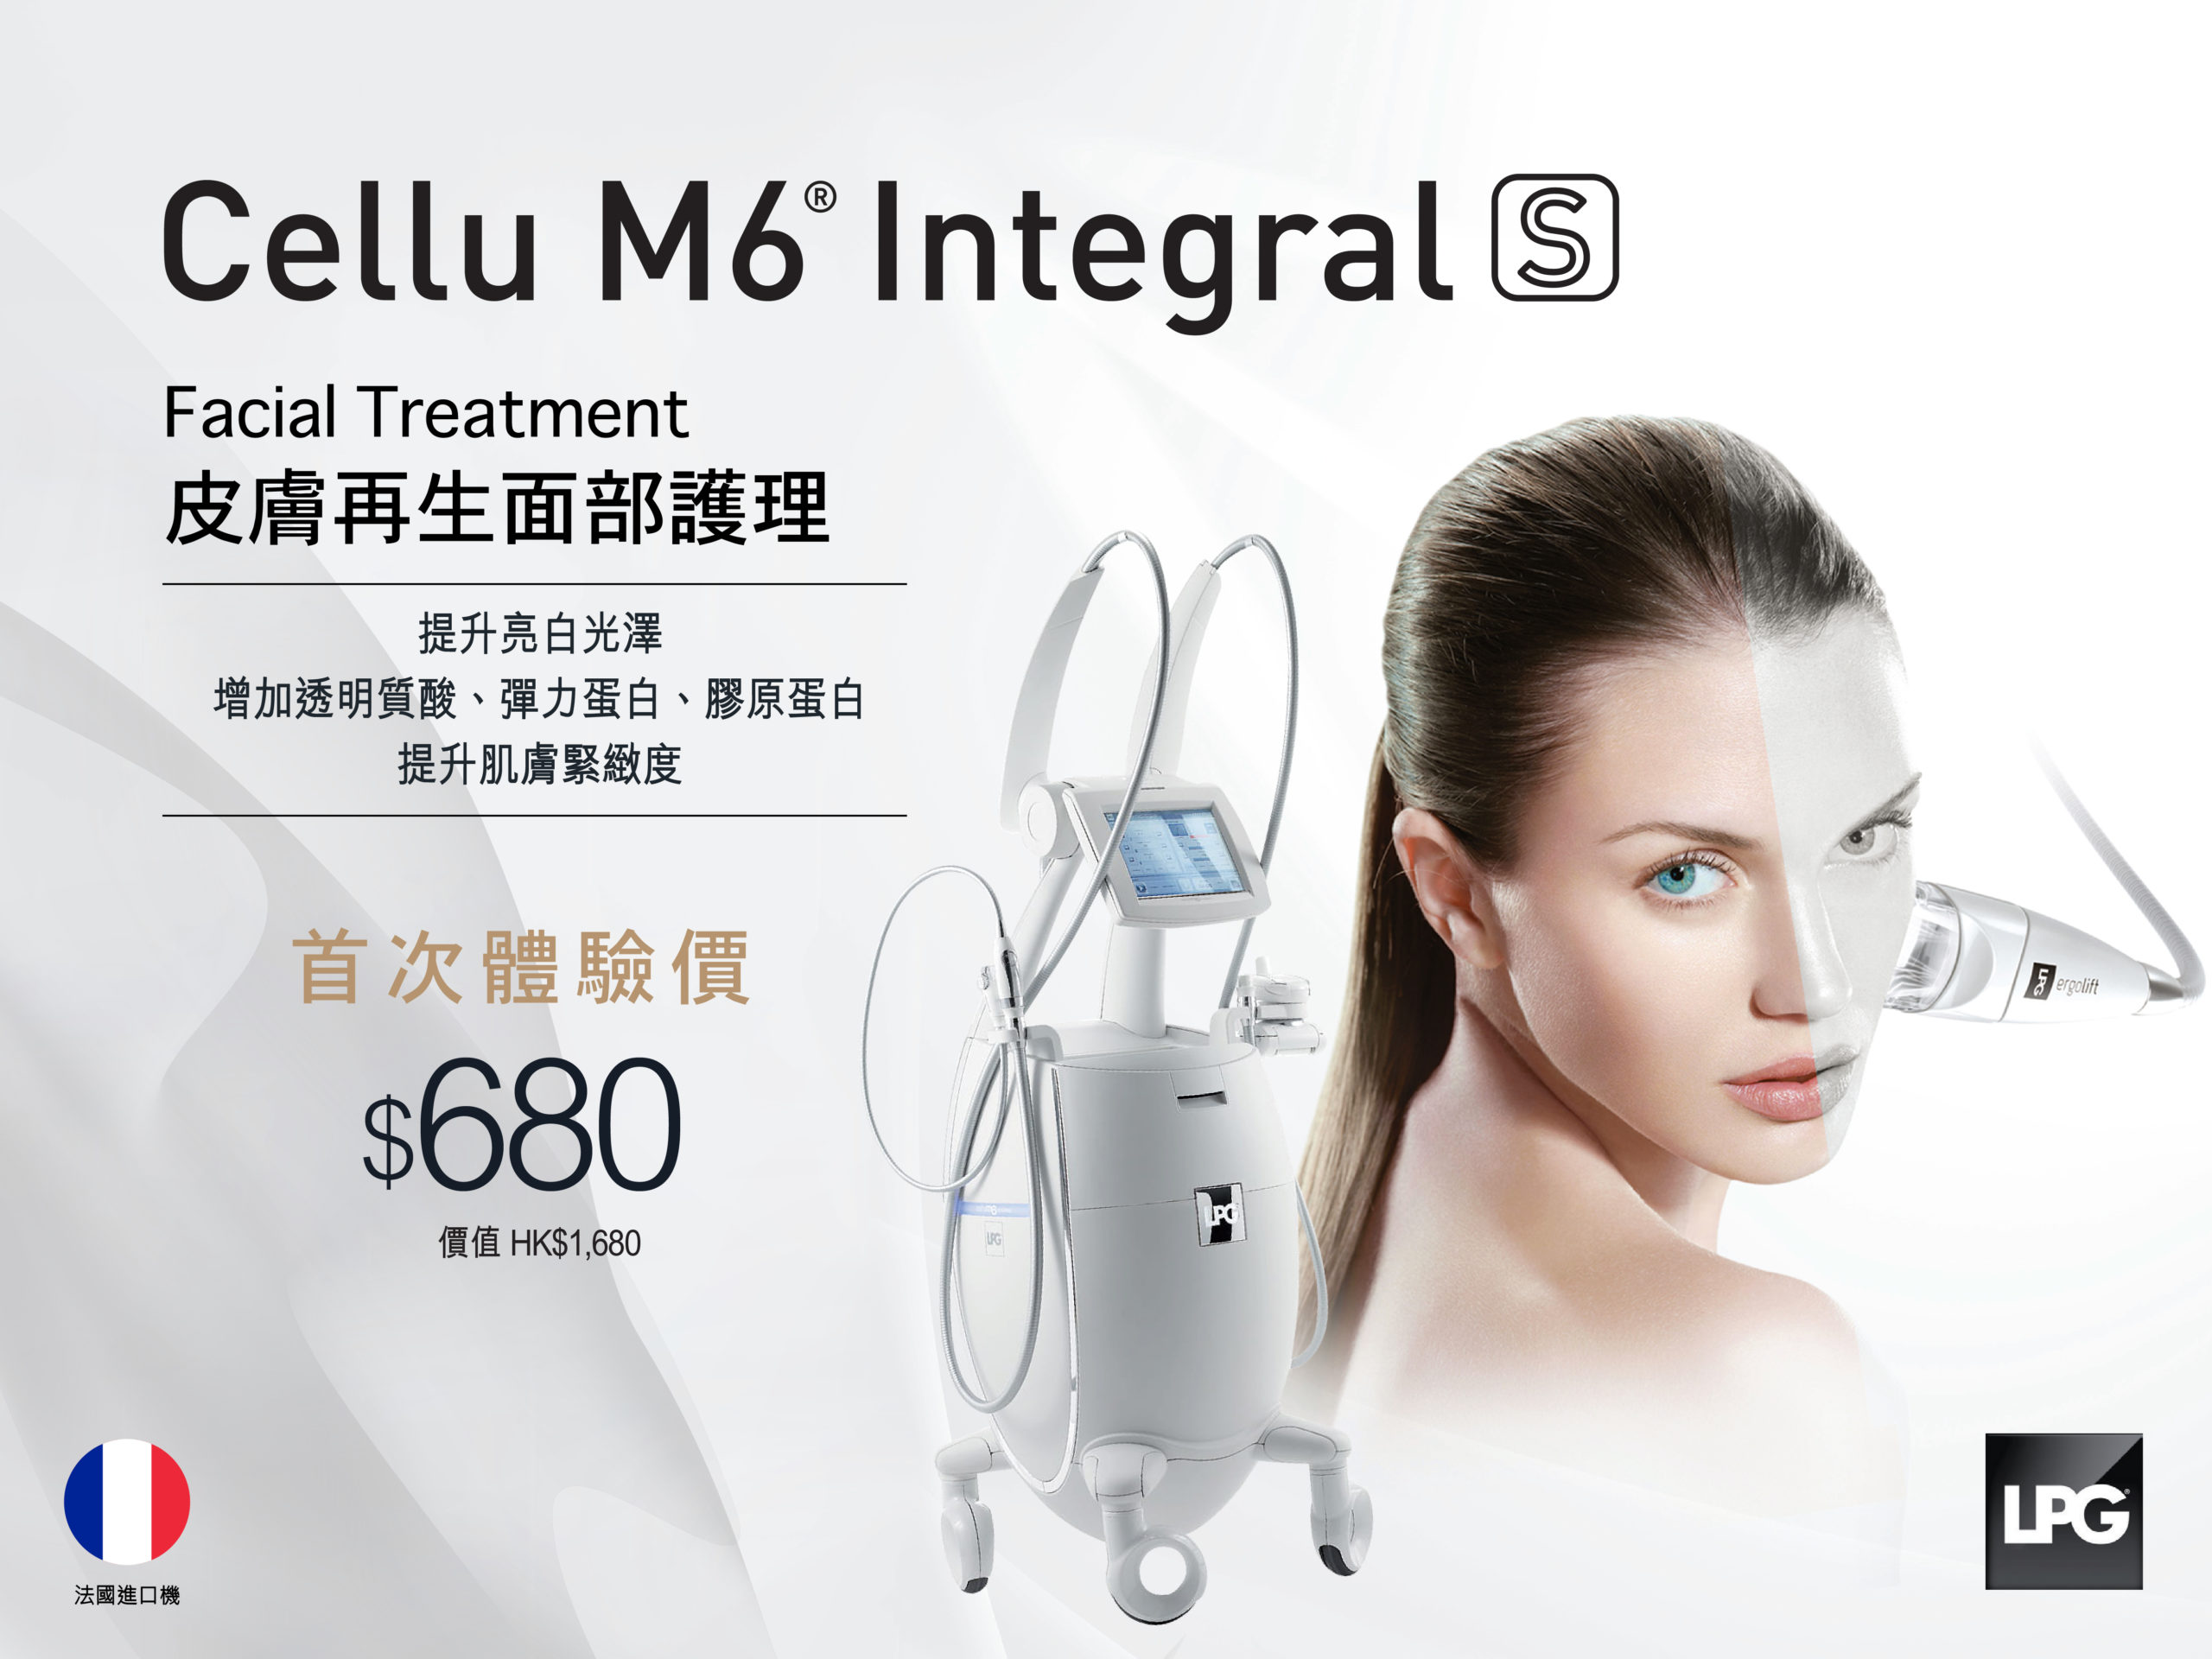 Cellu M6 Integral S皮膚再生面部護理,能喚醒皮膚組織的活性物質的自體產生,令肌膚變得緊緻、膚色均勻。首次體驗價$680